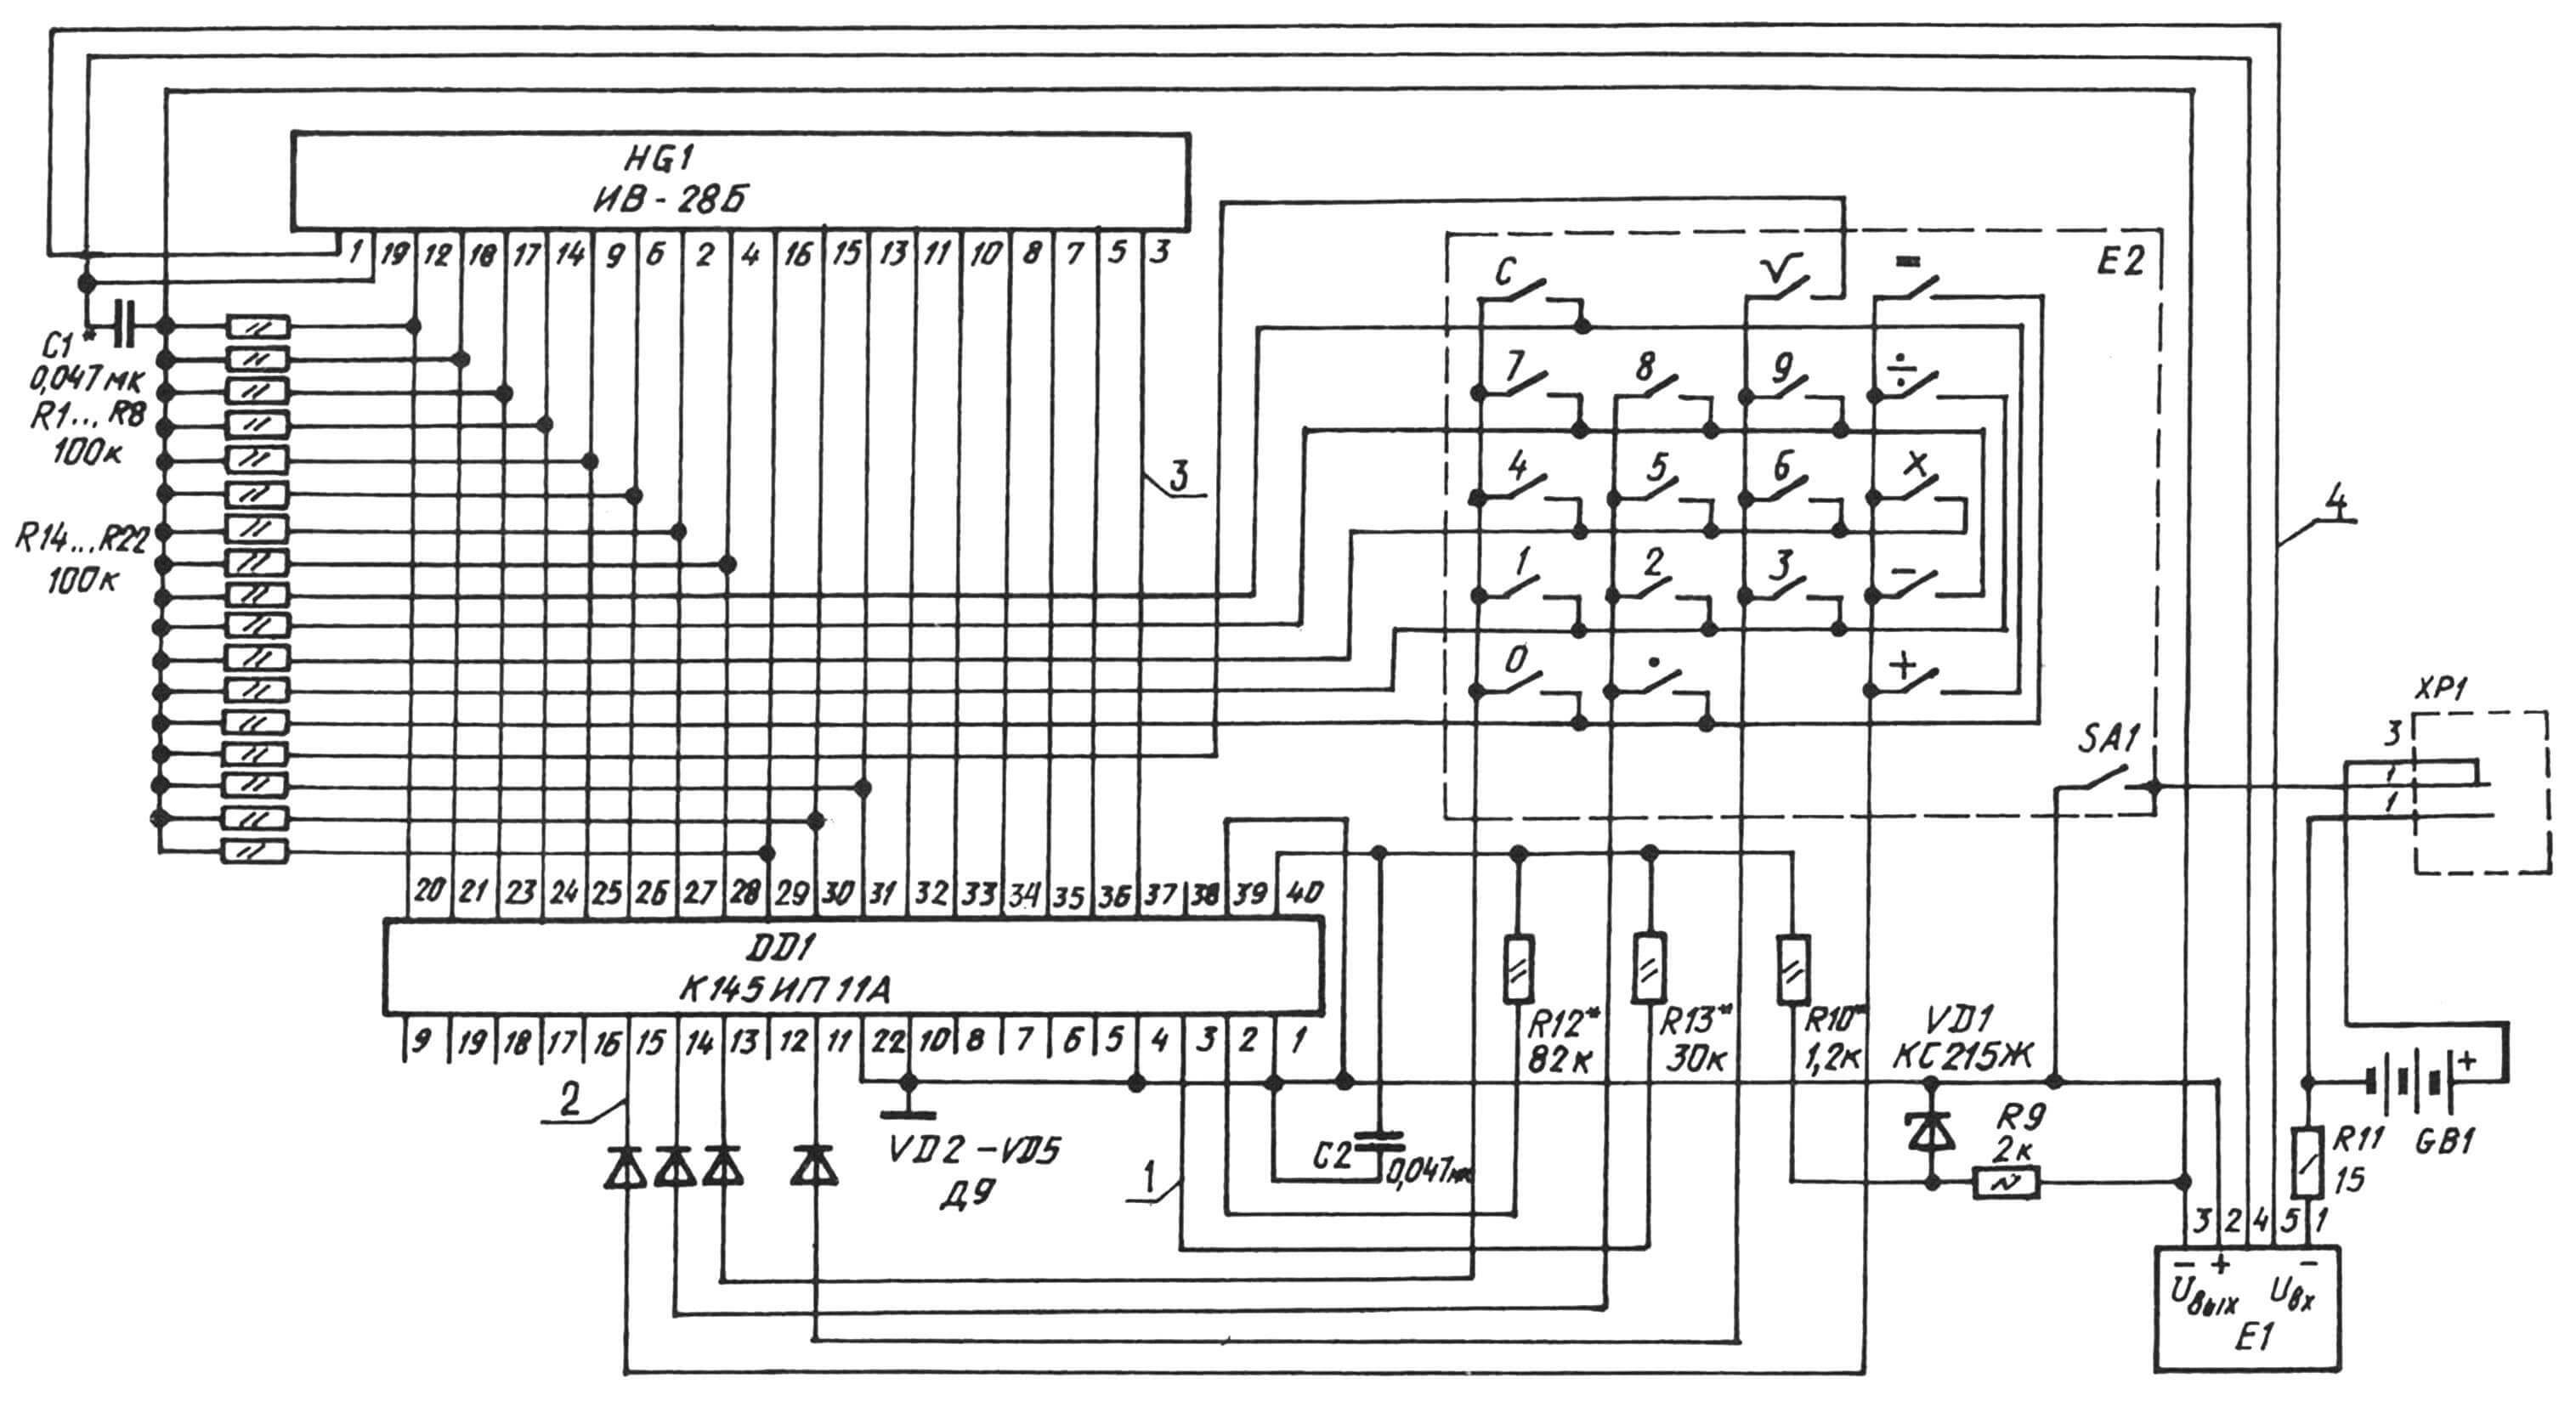 Рис. 2. Принципиальная электрическая схема прибора на базе микрокалькулятора МК-23А